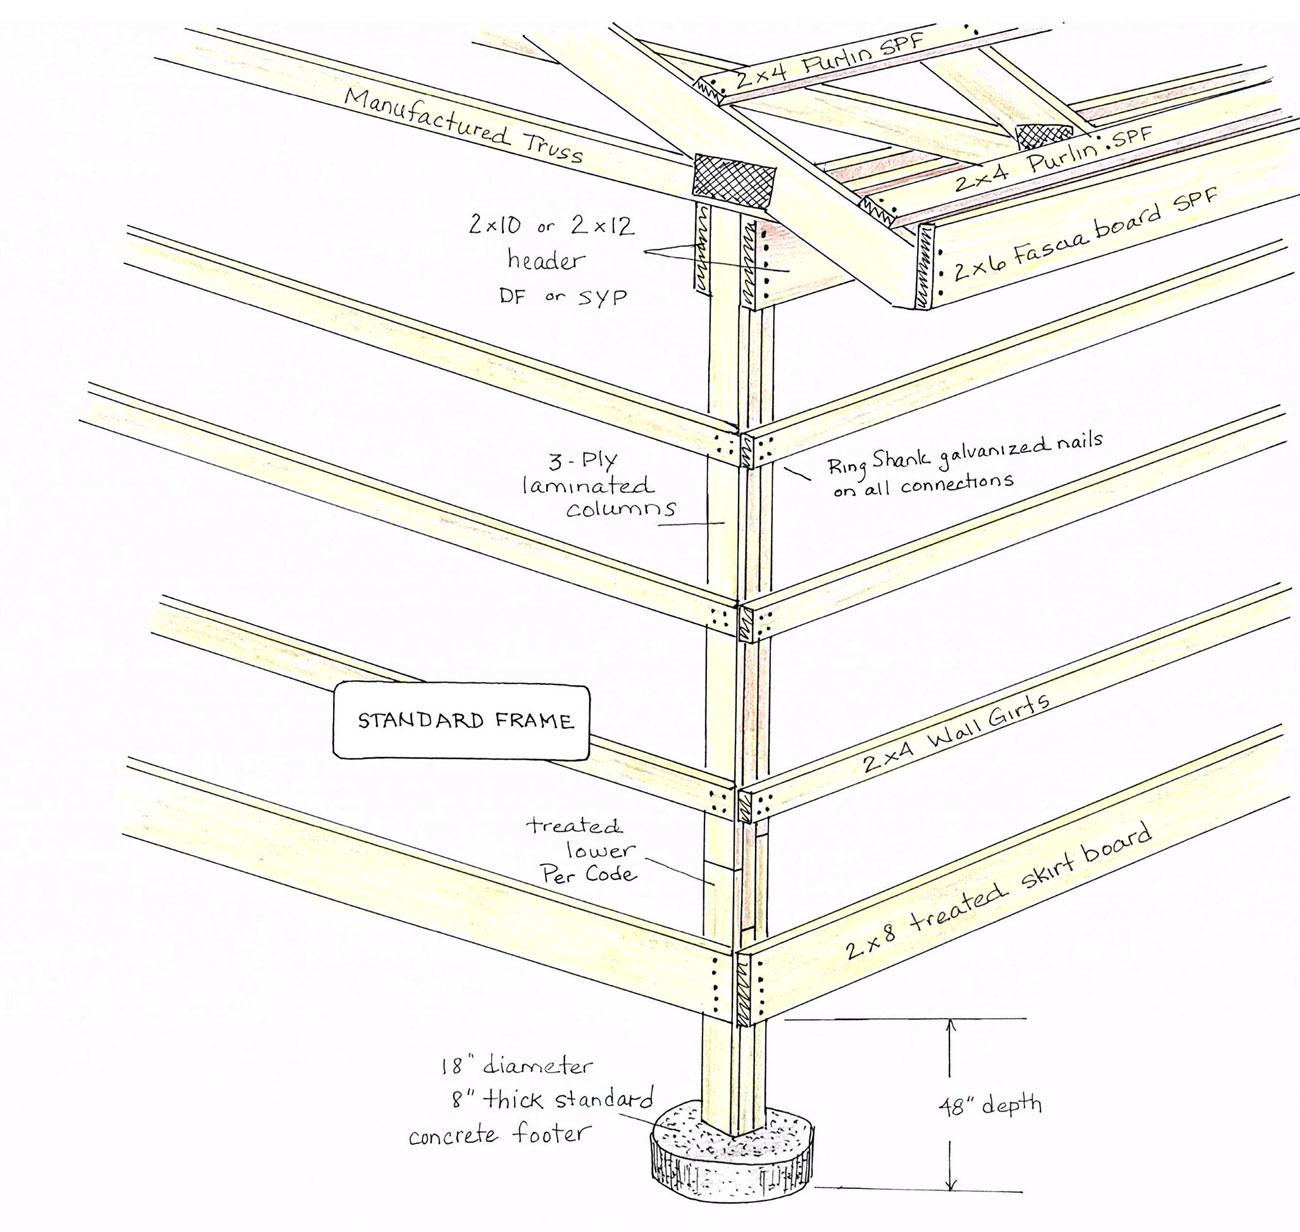 Standard Frame System